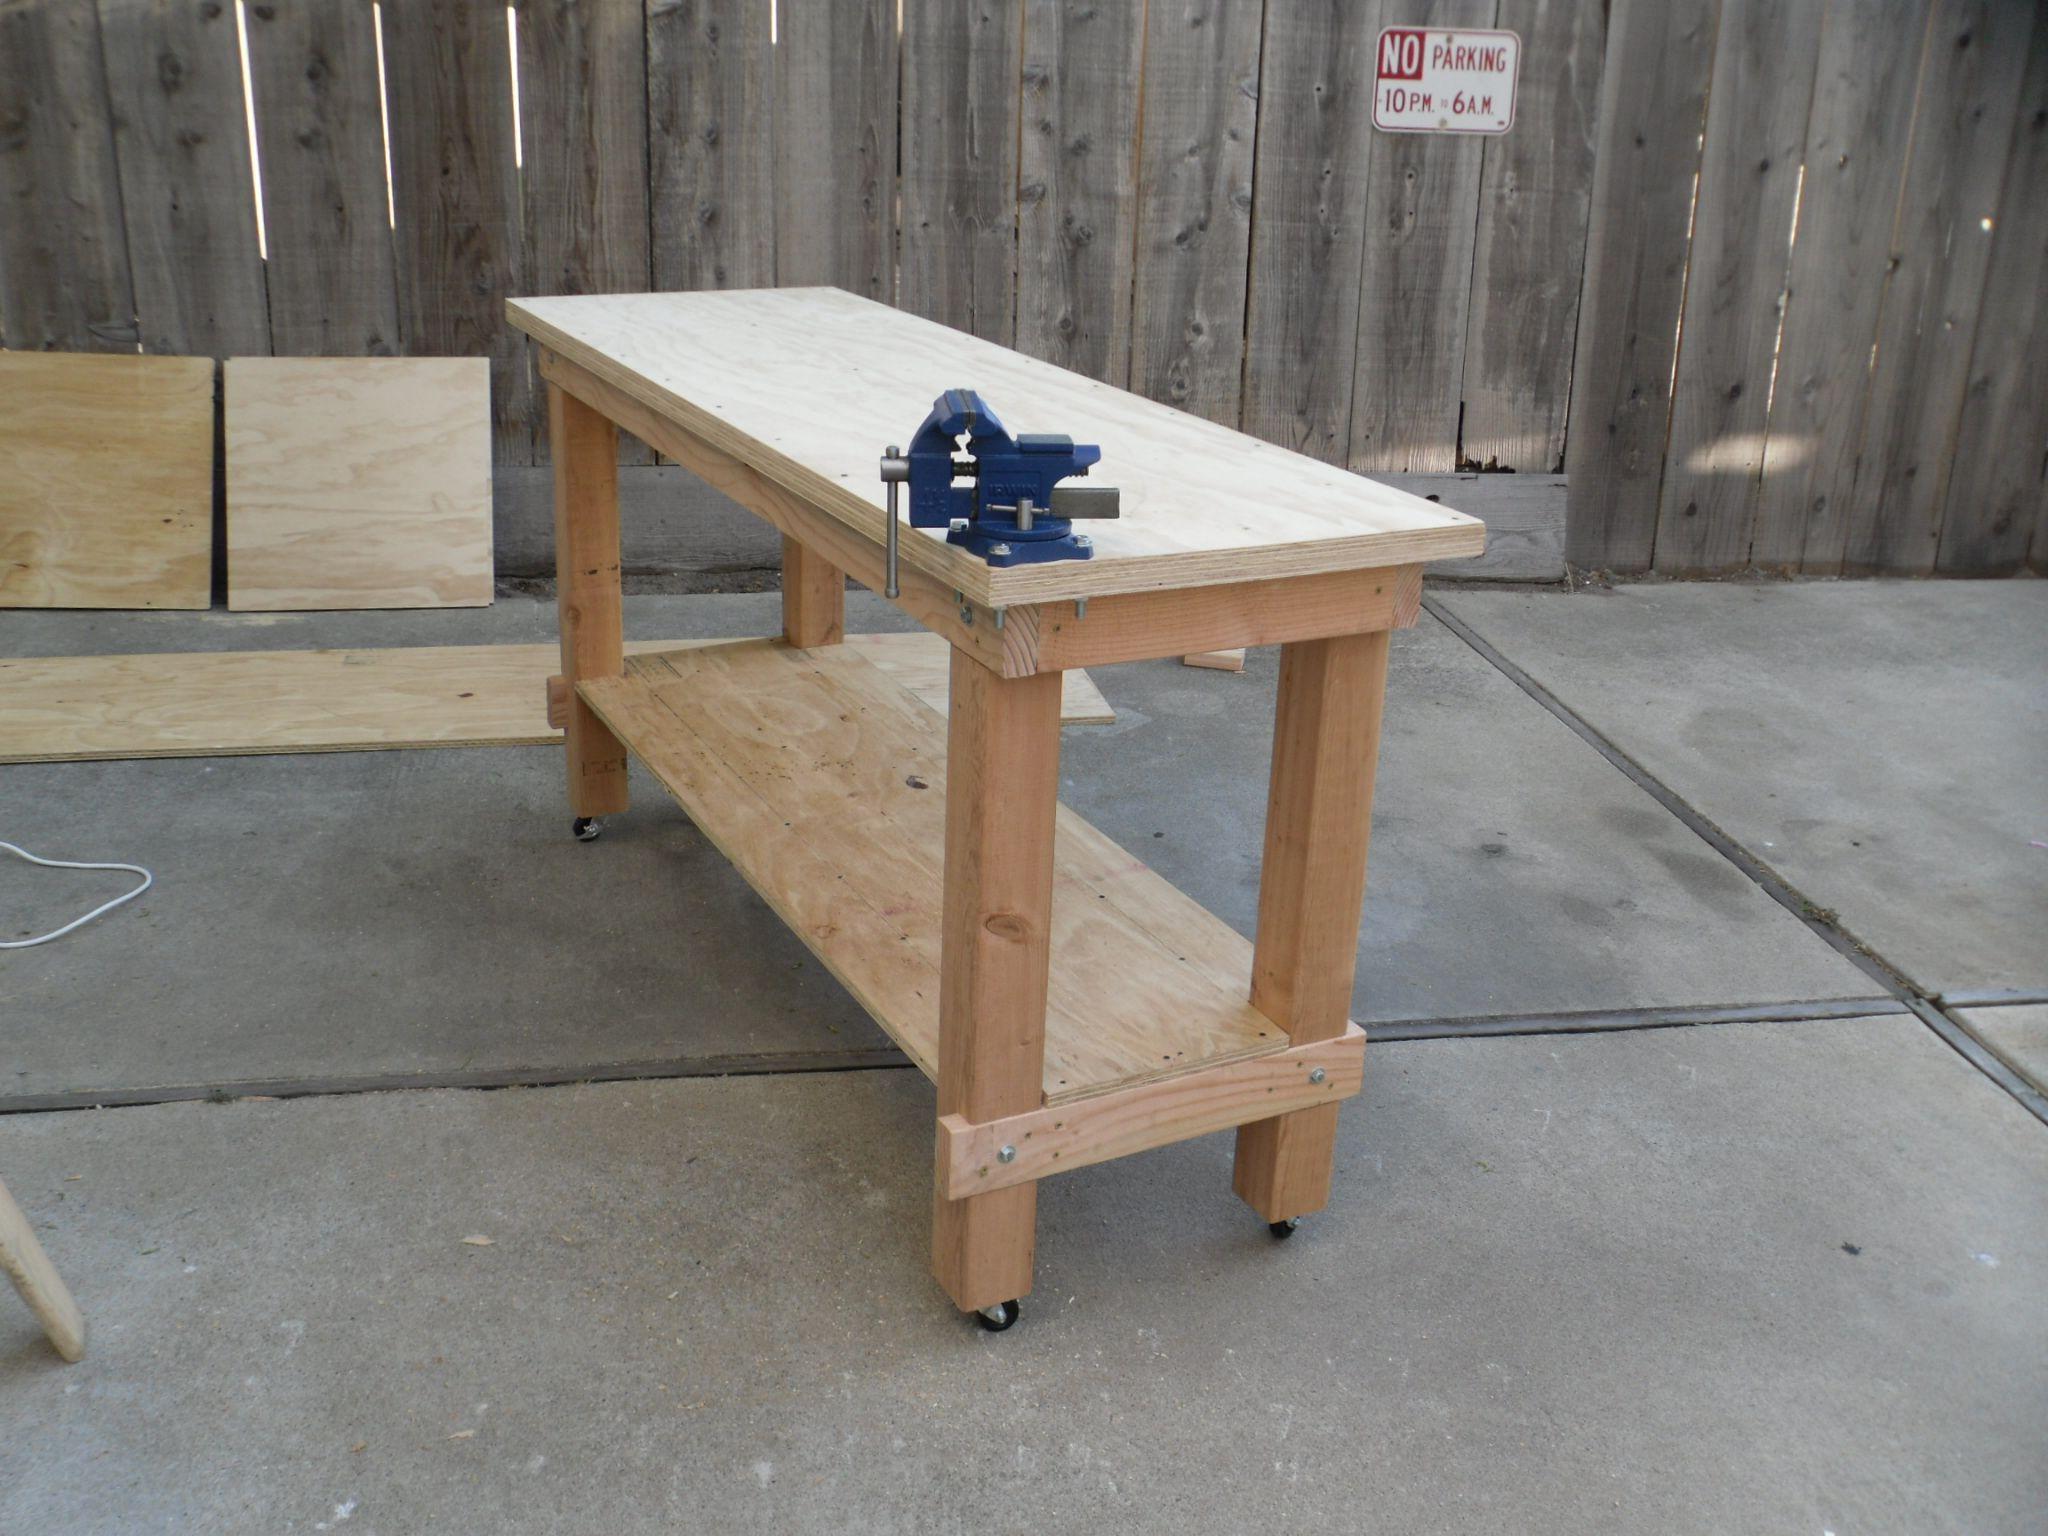 Building a heavy duty workbench plans diy apartment for Apartment workbench plans